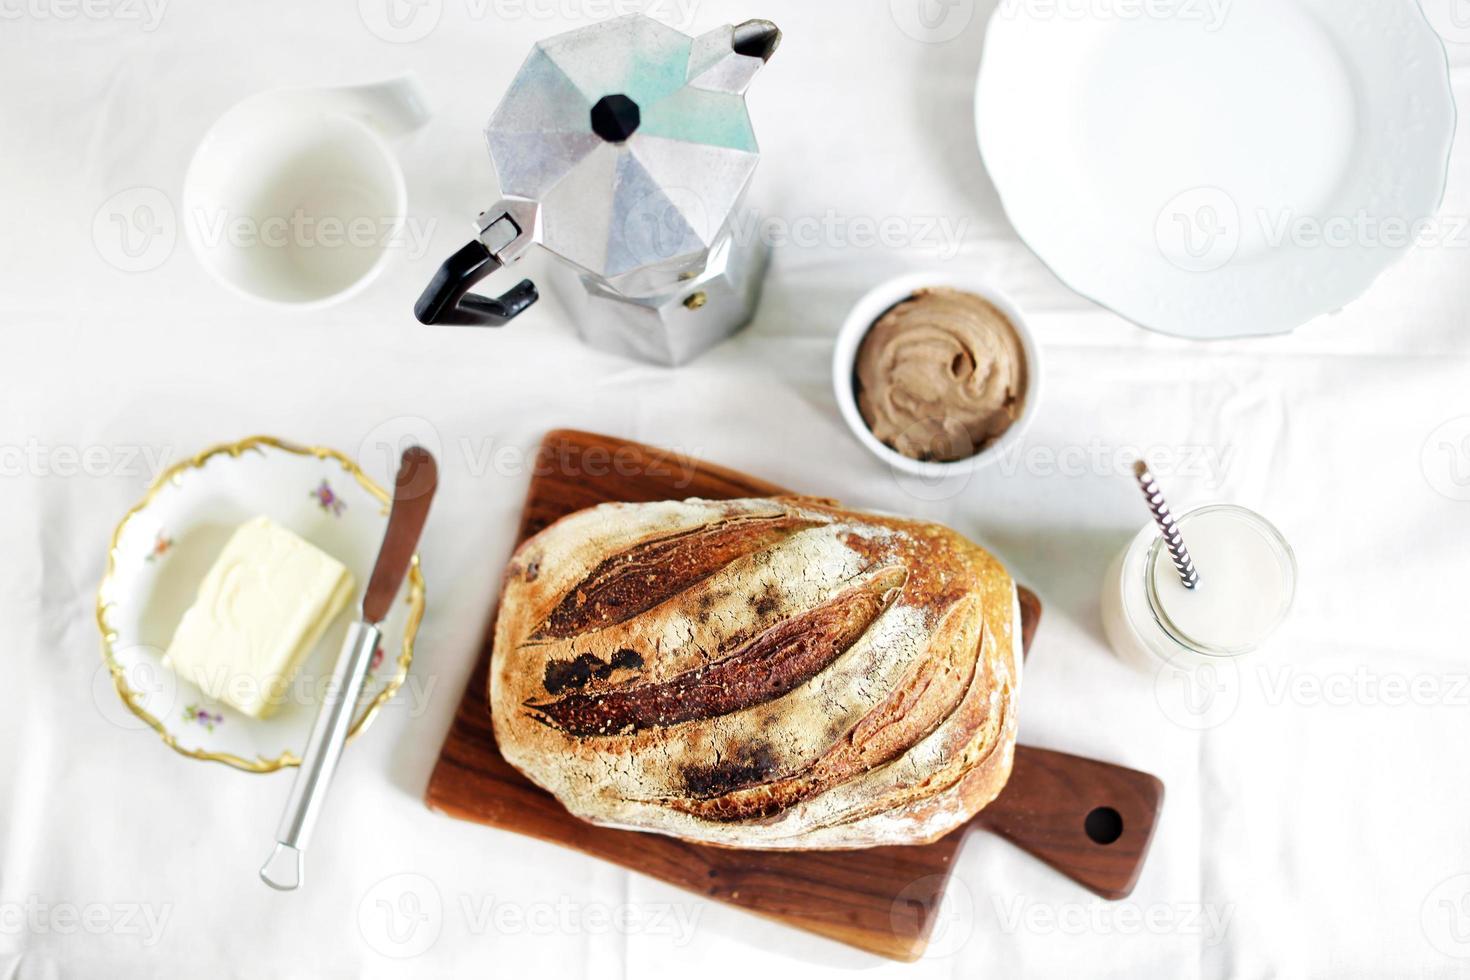 café da manhã de pão de fermento e manteiga com café foto